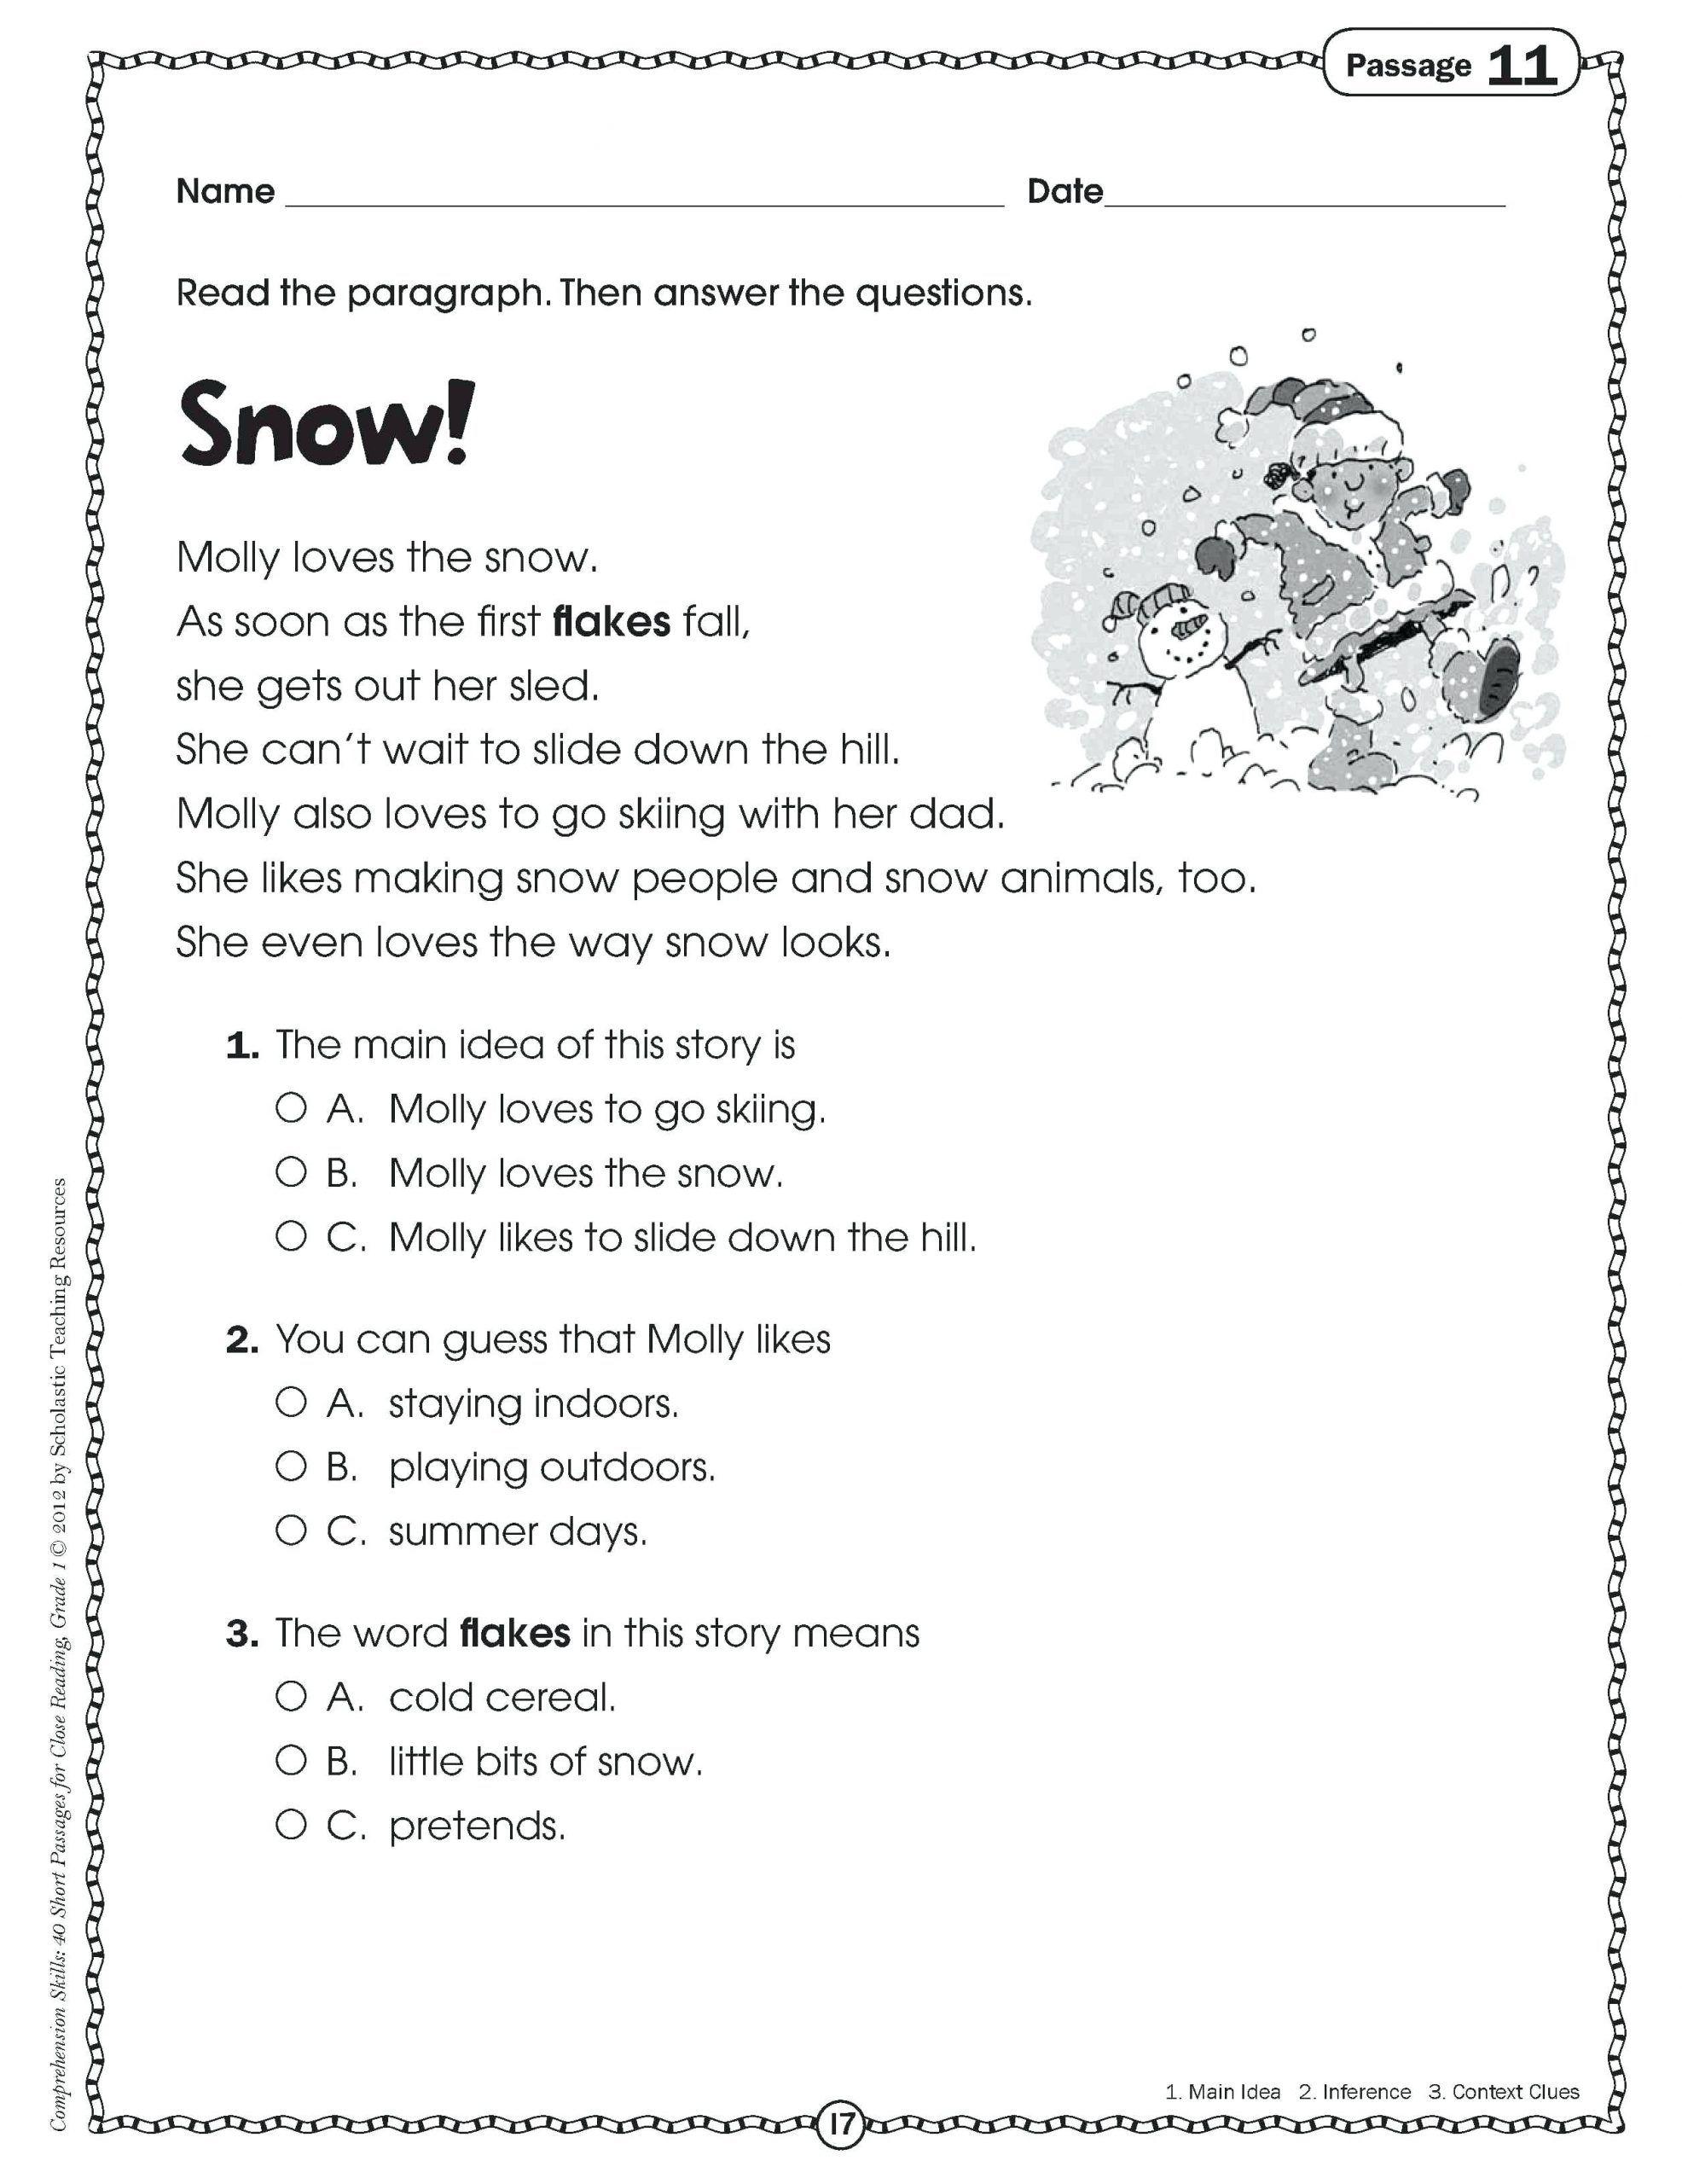 Relative Pronouns Worksheet Grade 4 In 2020 Main Idea Worksheet Reading Worksheets Comprehension Worksheets